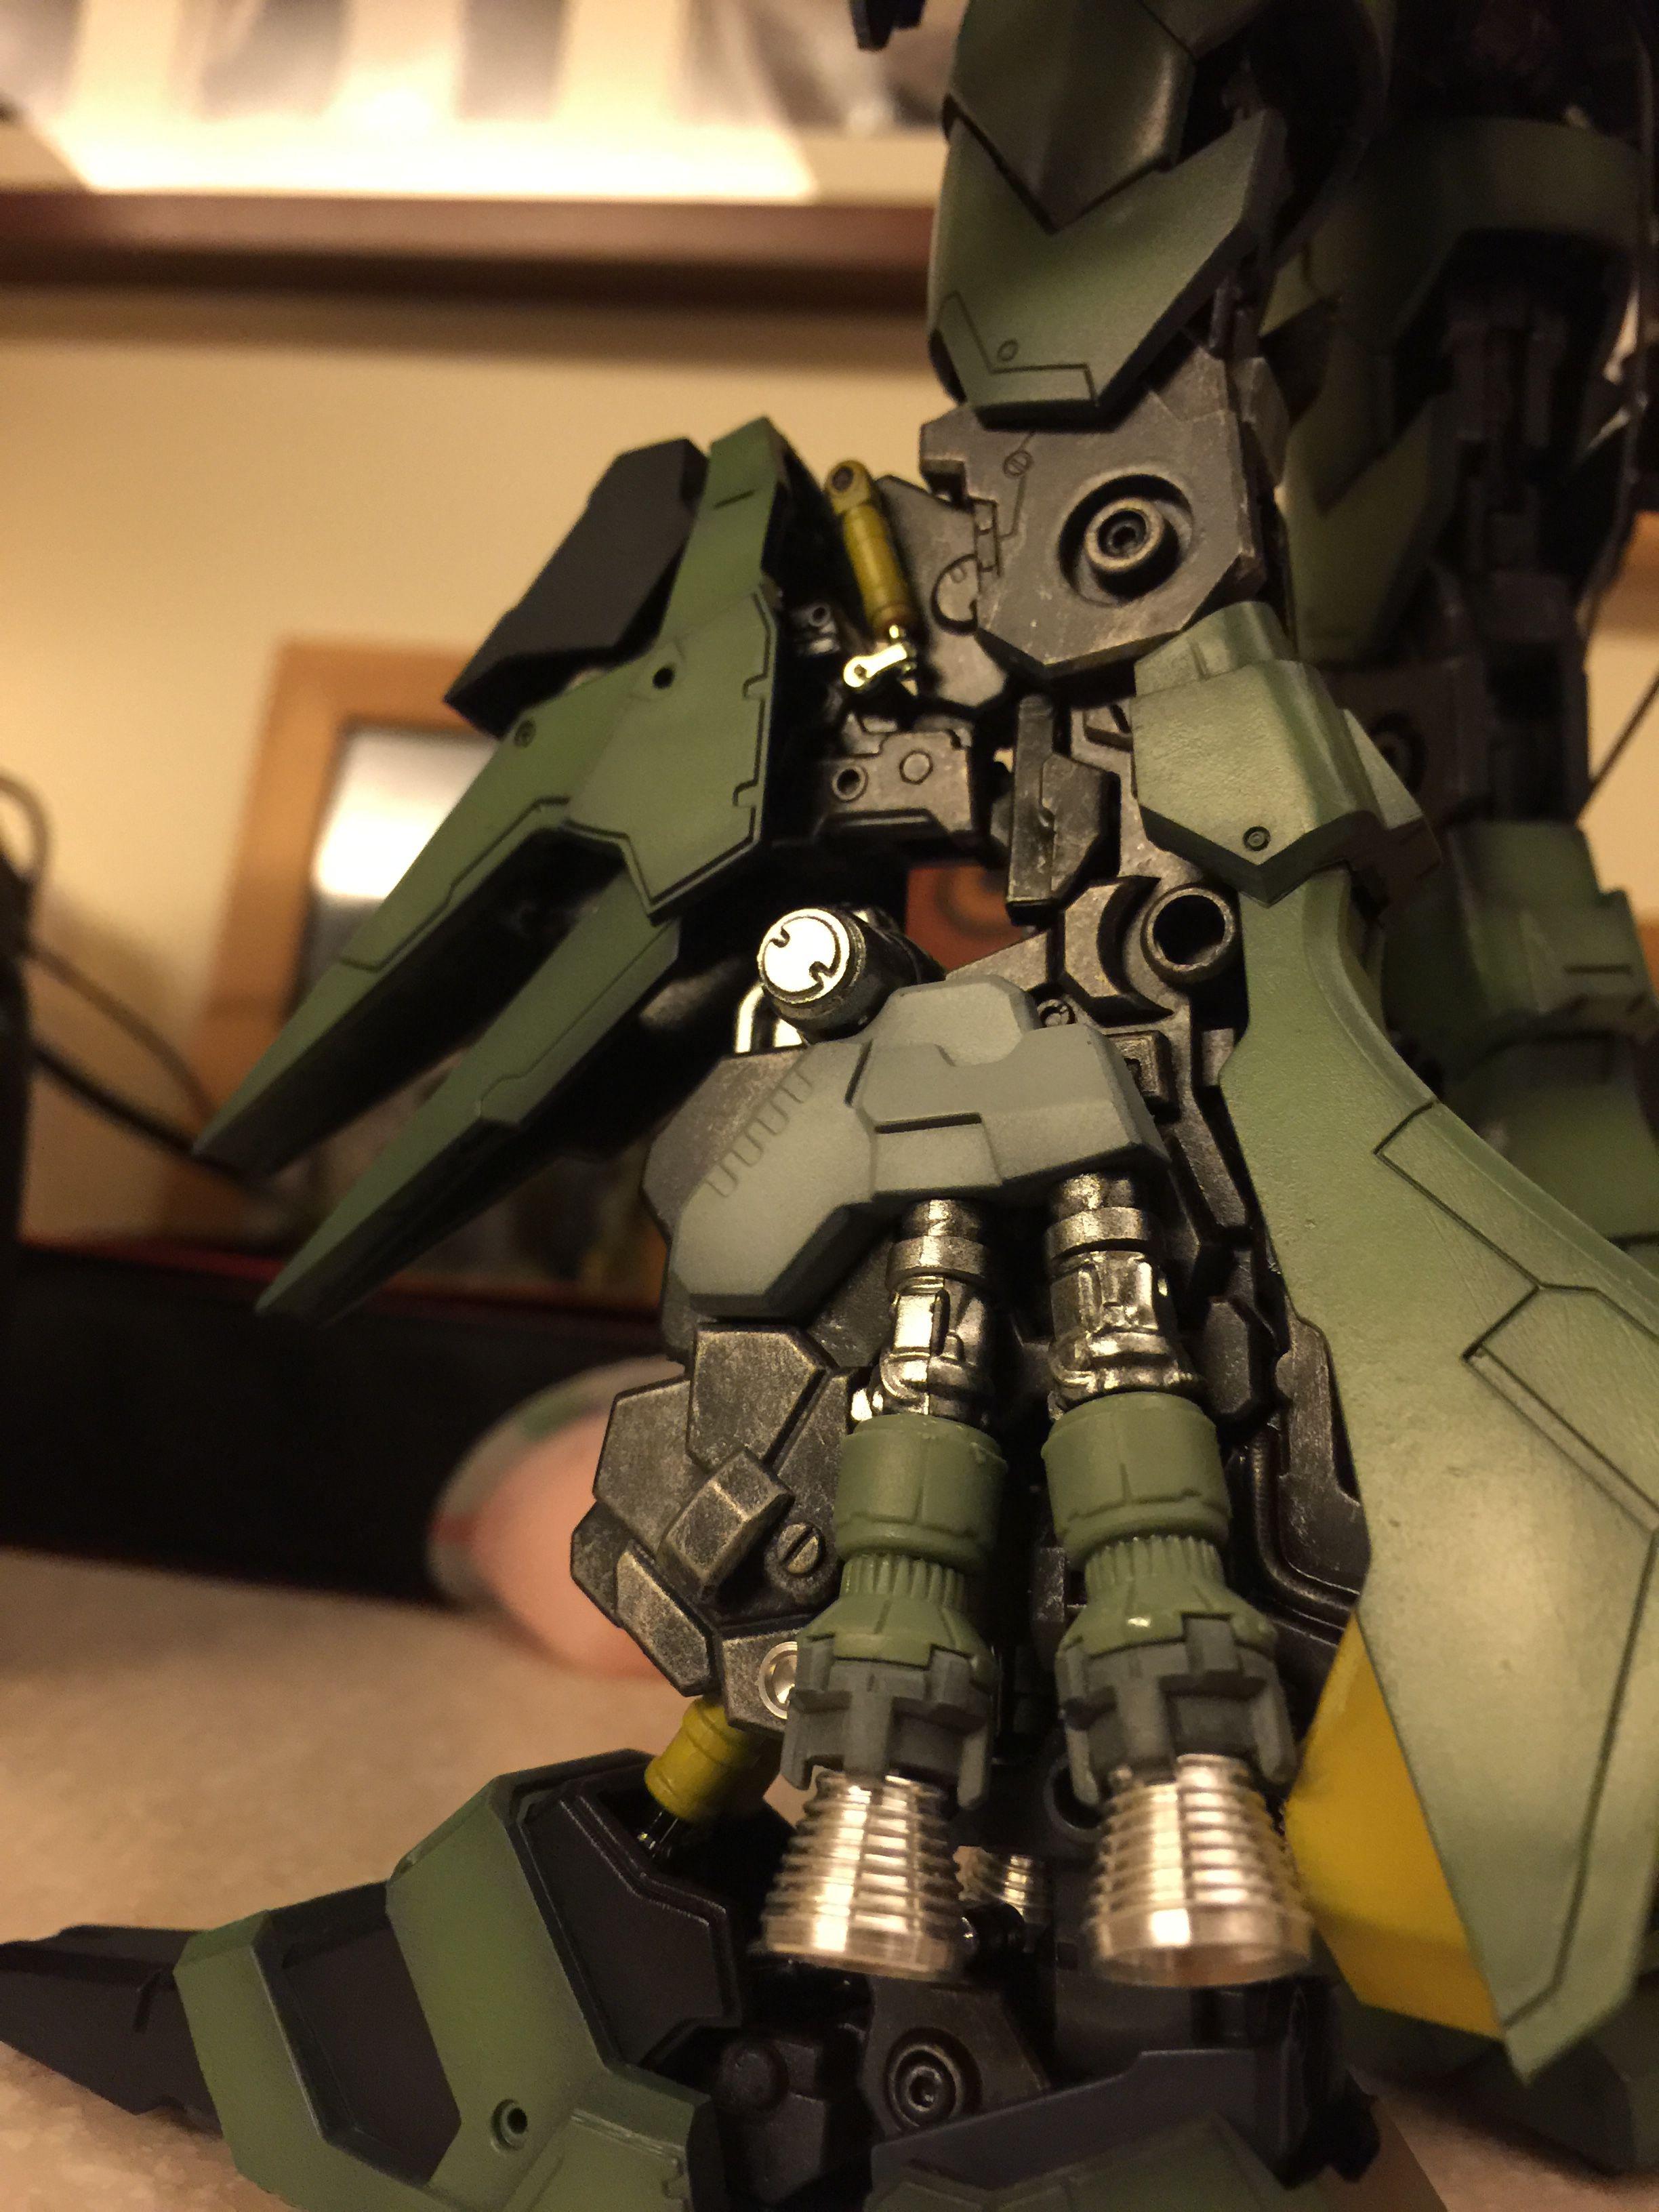 NZ-666 KSHATRIYA | Robotics | Gundam, Gundam model, Character costumes